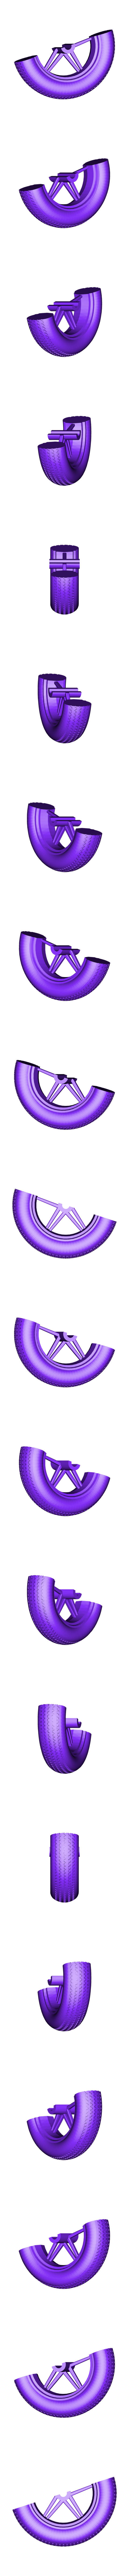 Wheel_4_parts.STL Download STL file Cafe racer • Model to 3D print, Guillaume_975